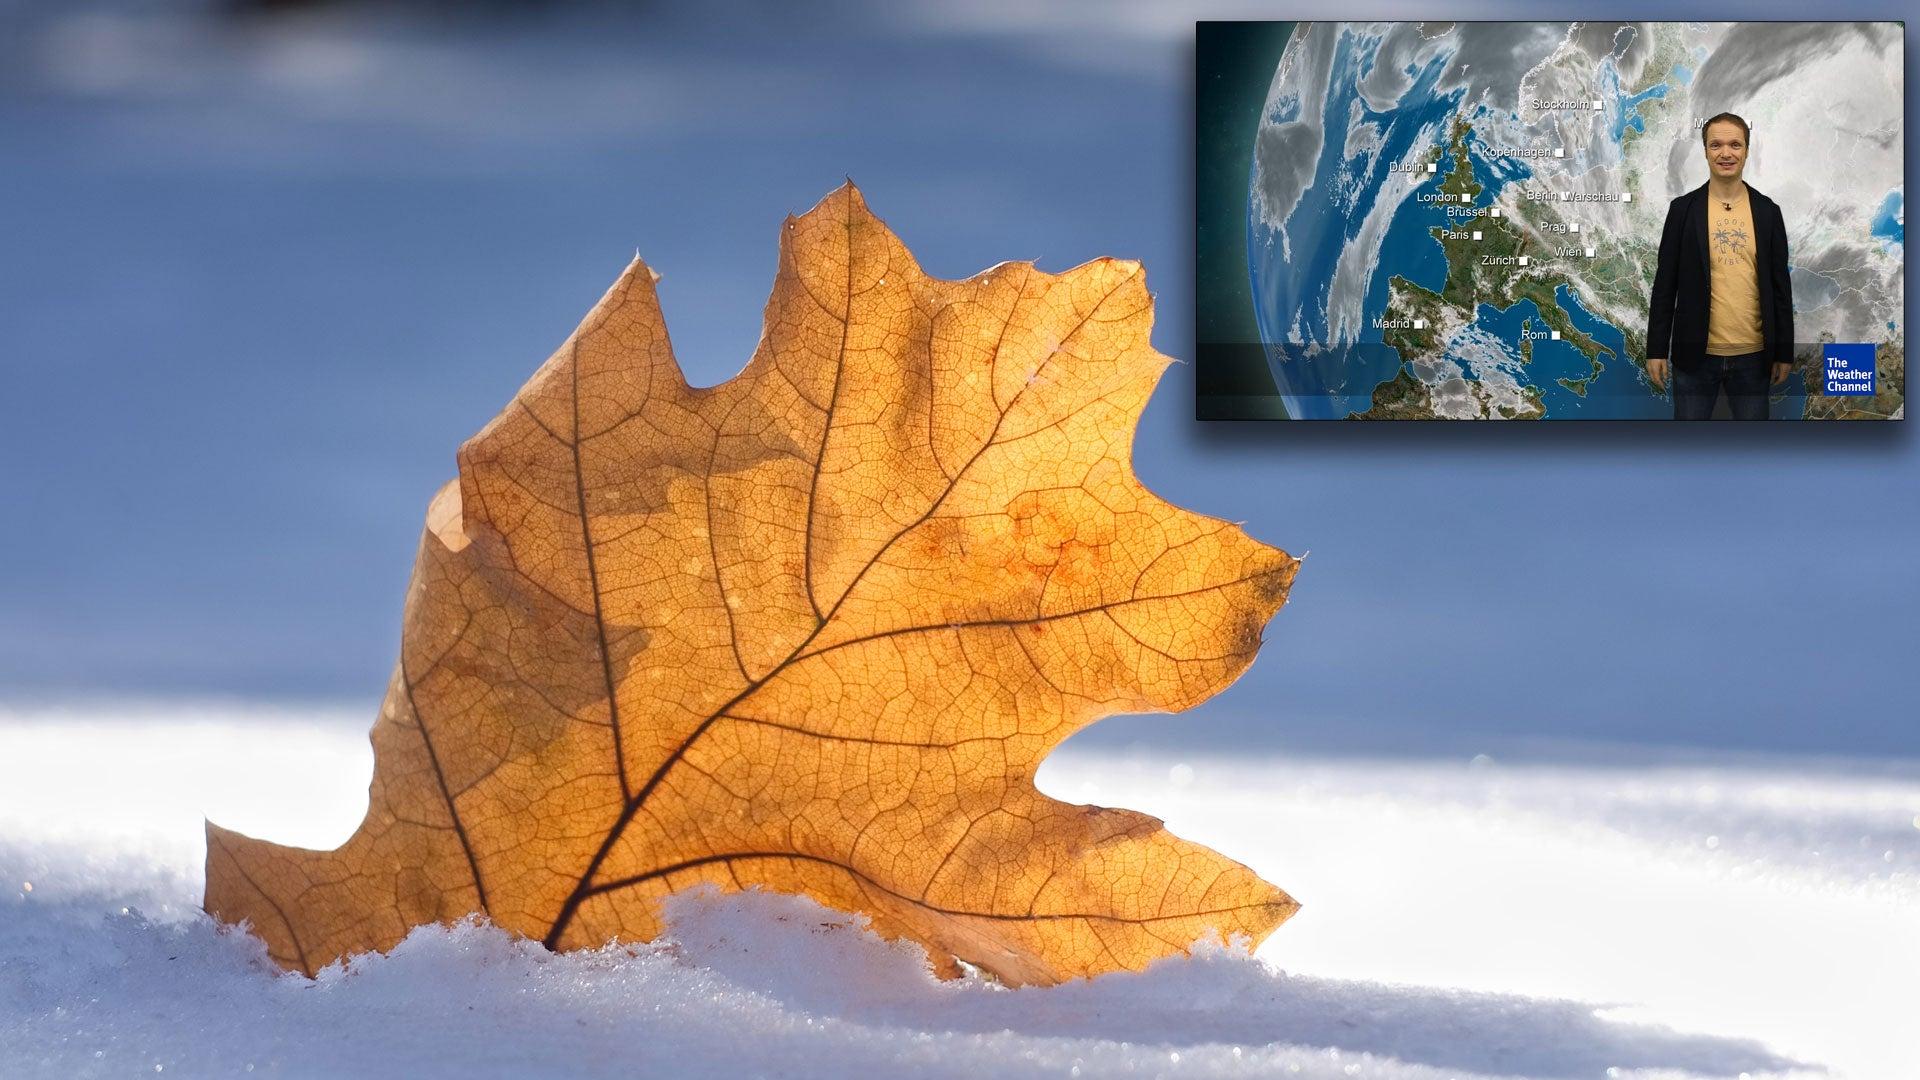 Wintereinbruch am Wochenende - dann ist sogar Schnee möglich